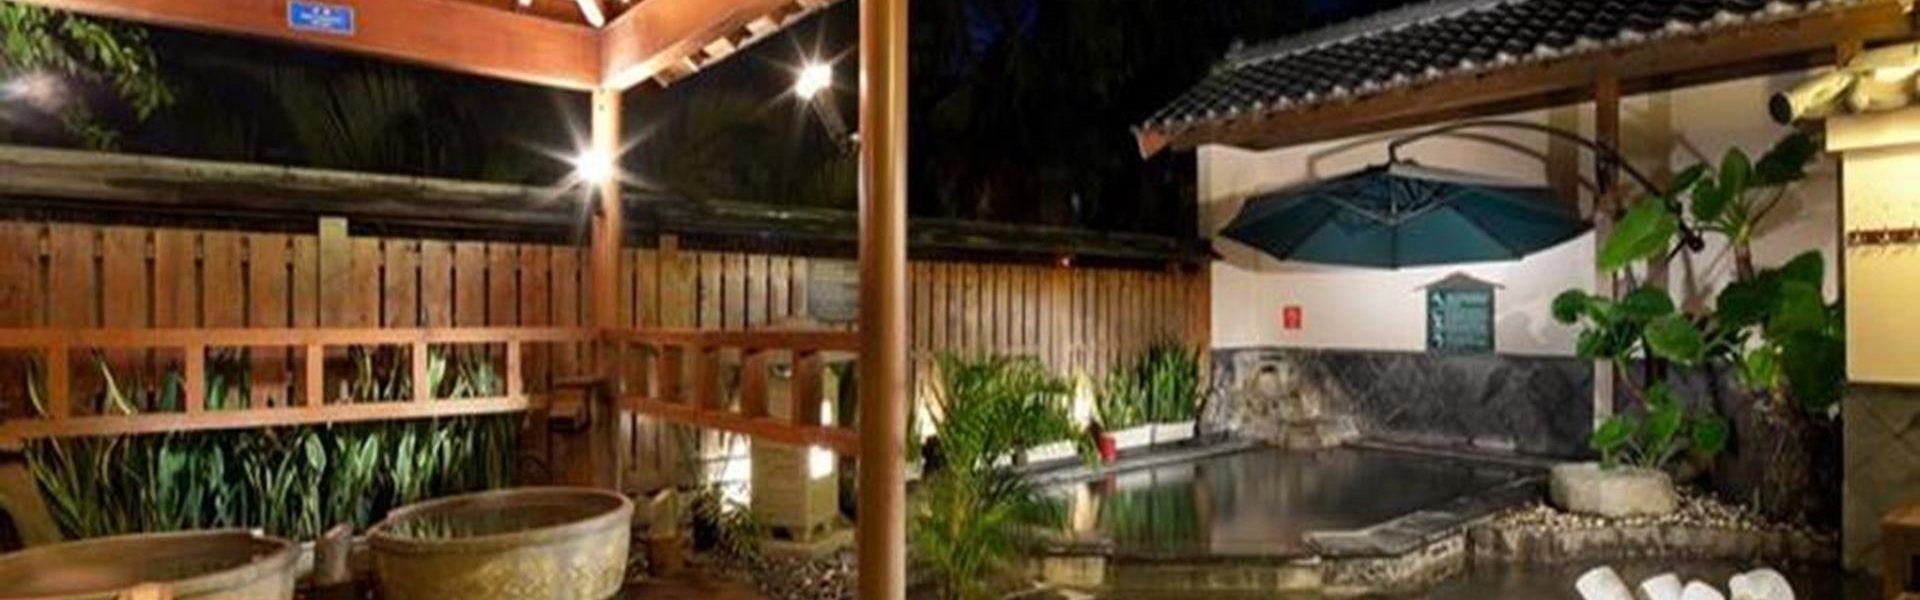 台東知本溫泉住宿 台東知本溫泉飯店